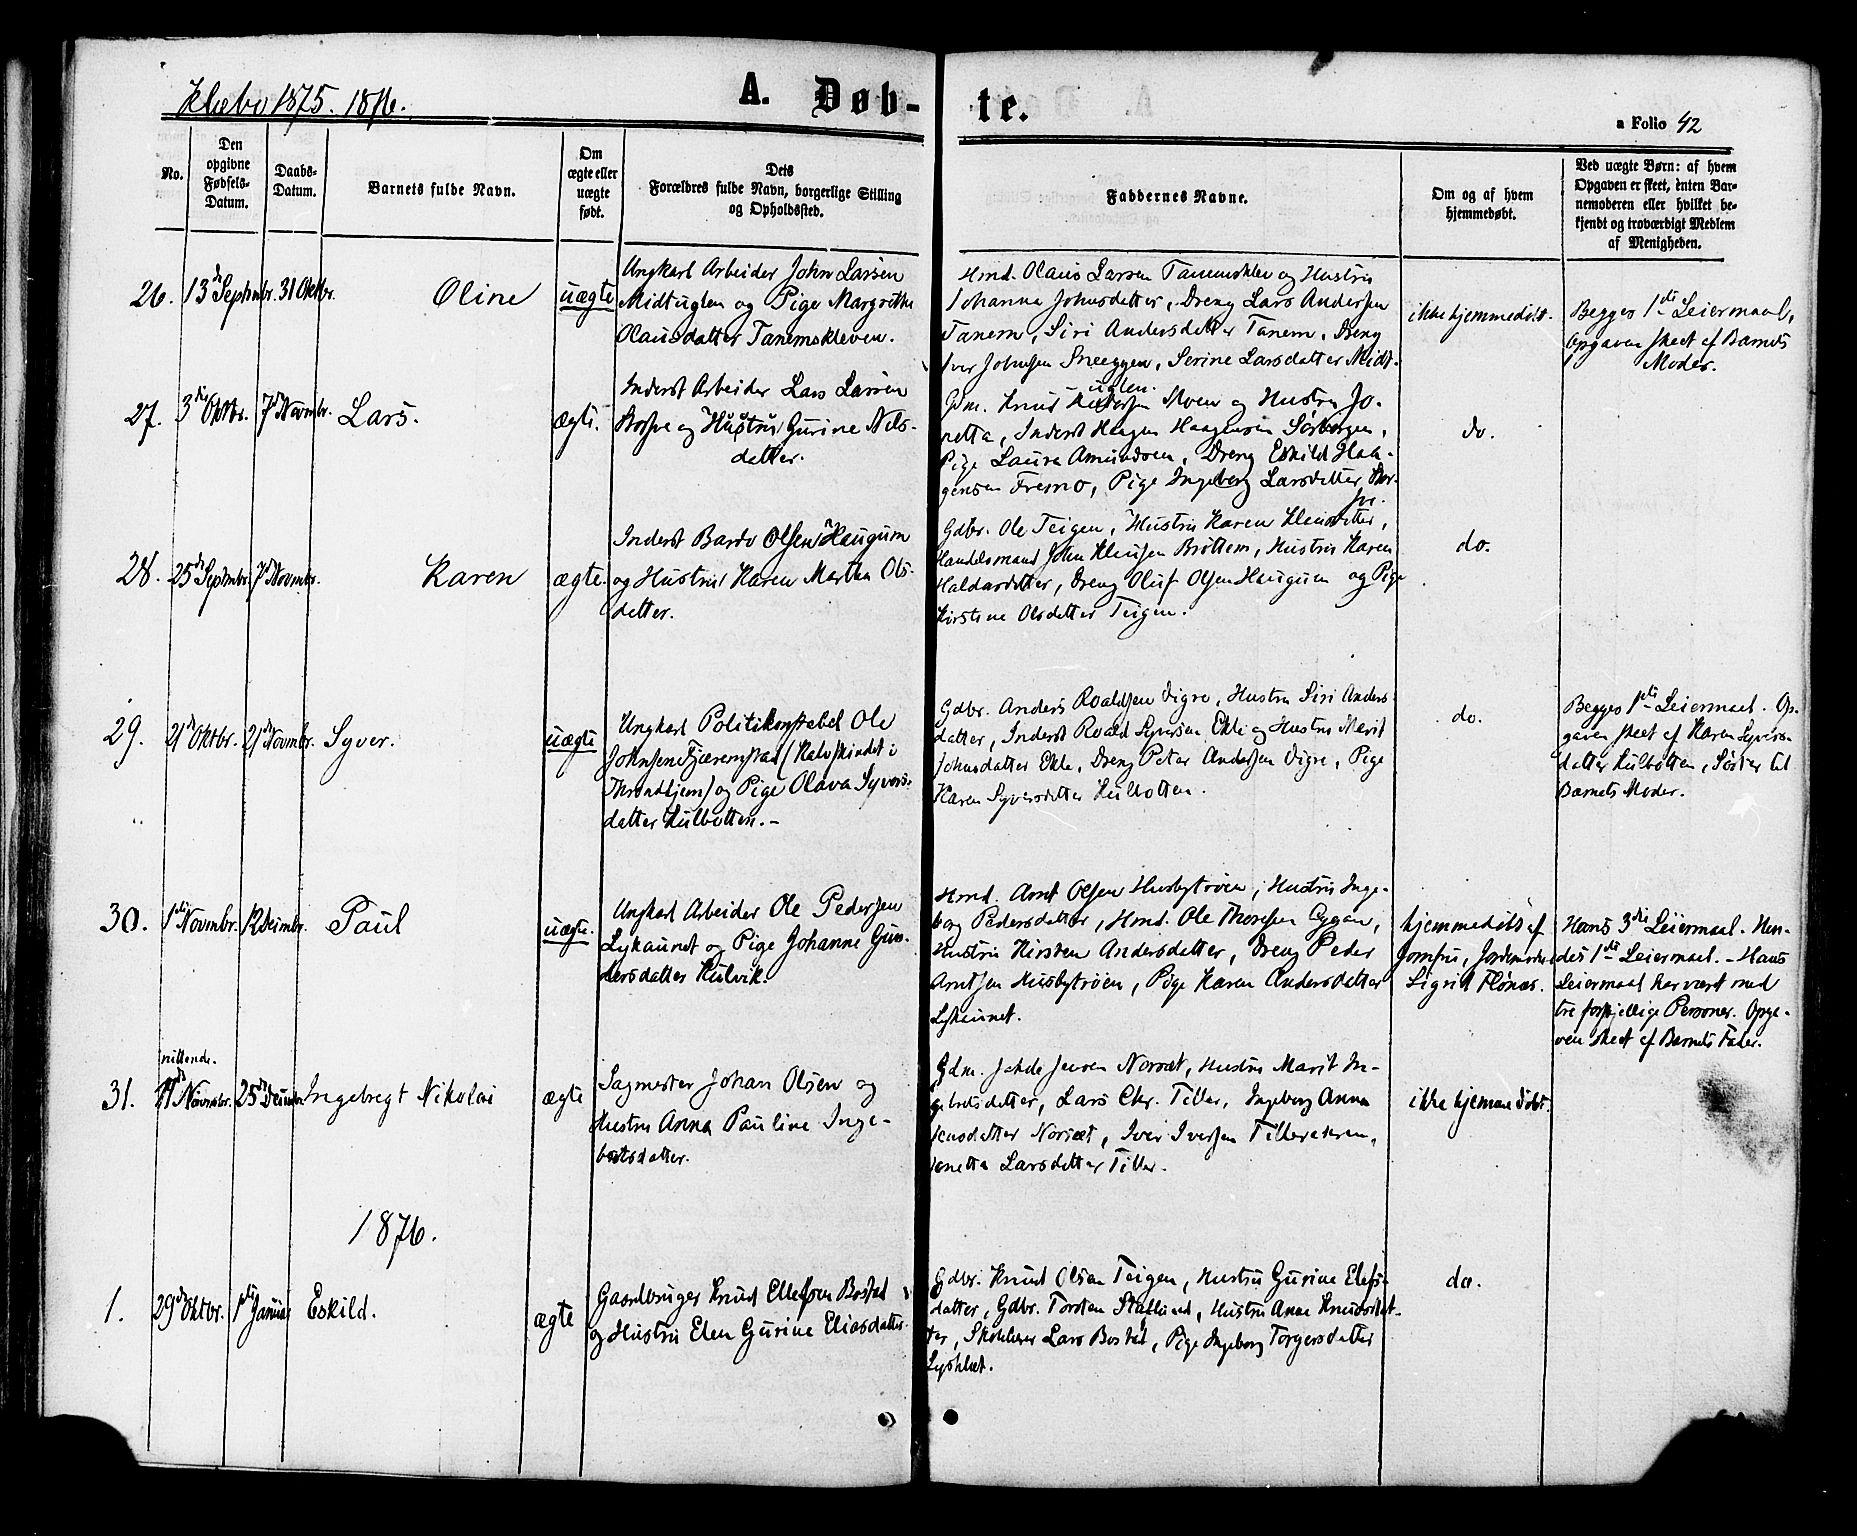 SAT, Ministerialprotokoller, klokkerbøker og fødselsregistre - Sør-Trøndelag, 618/L0442: Ministerialbok nr. 618A06 /1, 1863-1879, s. 42